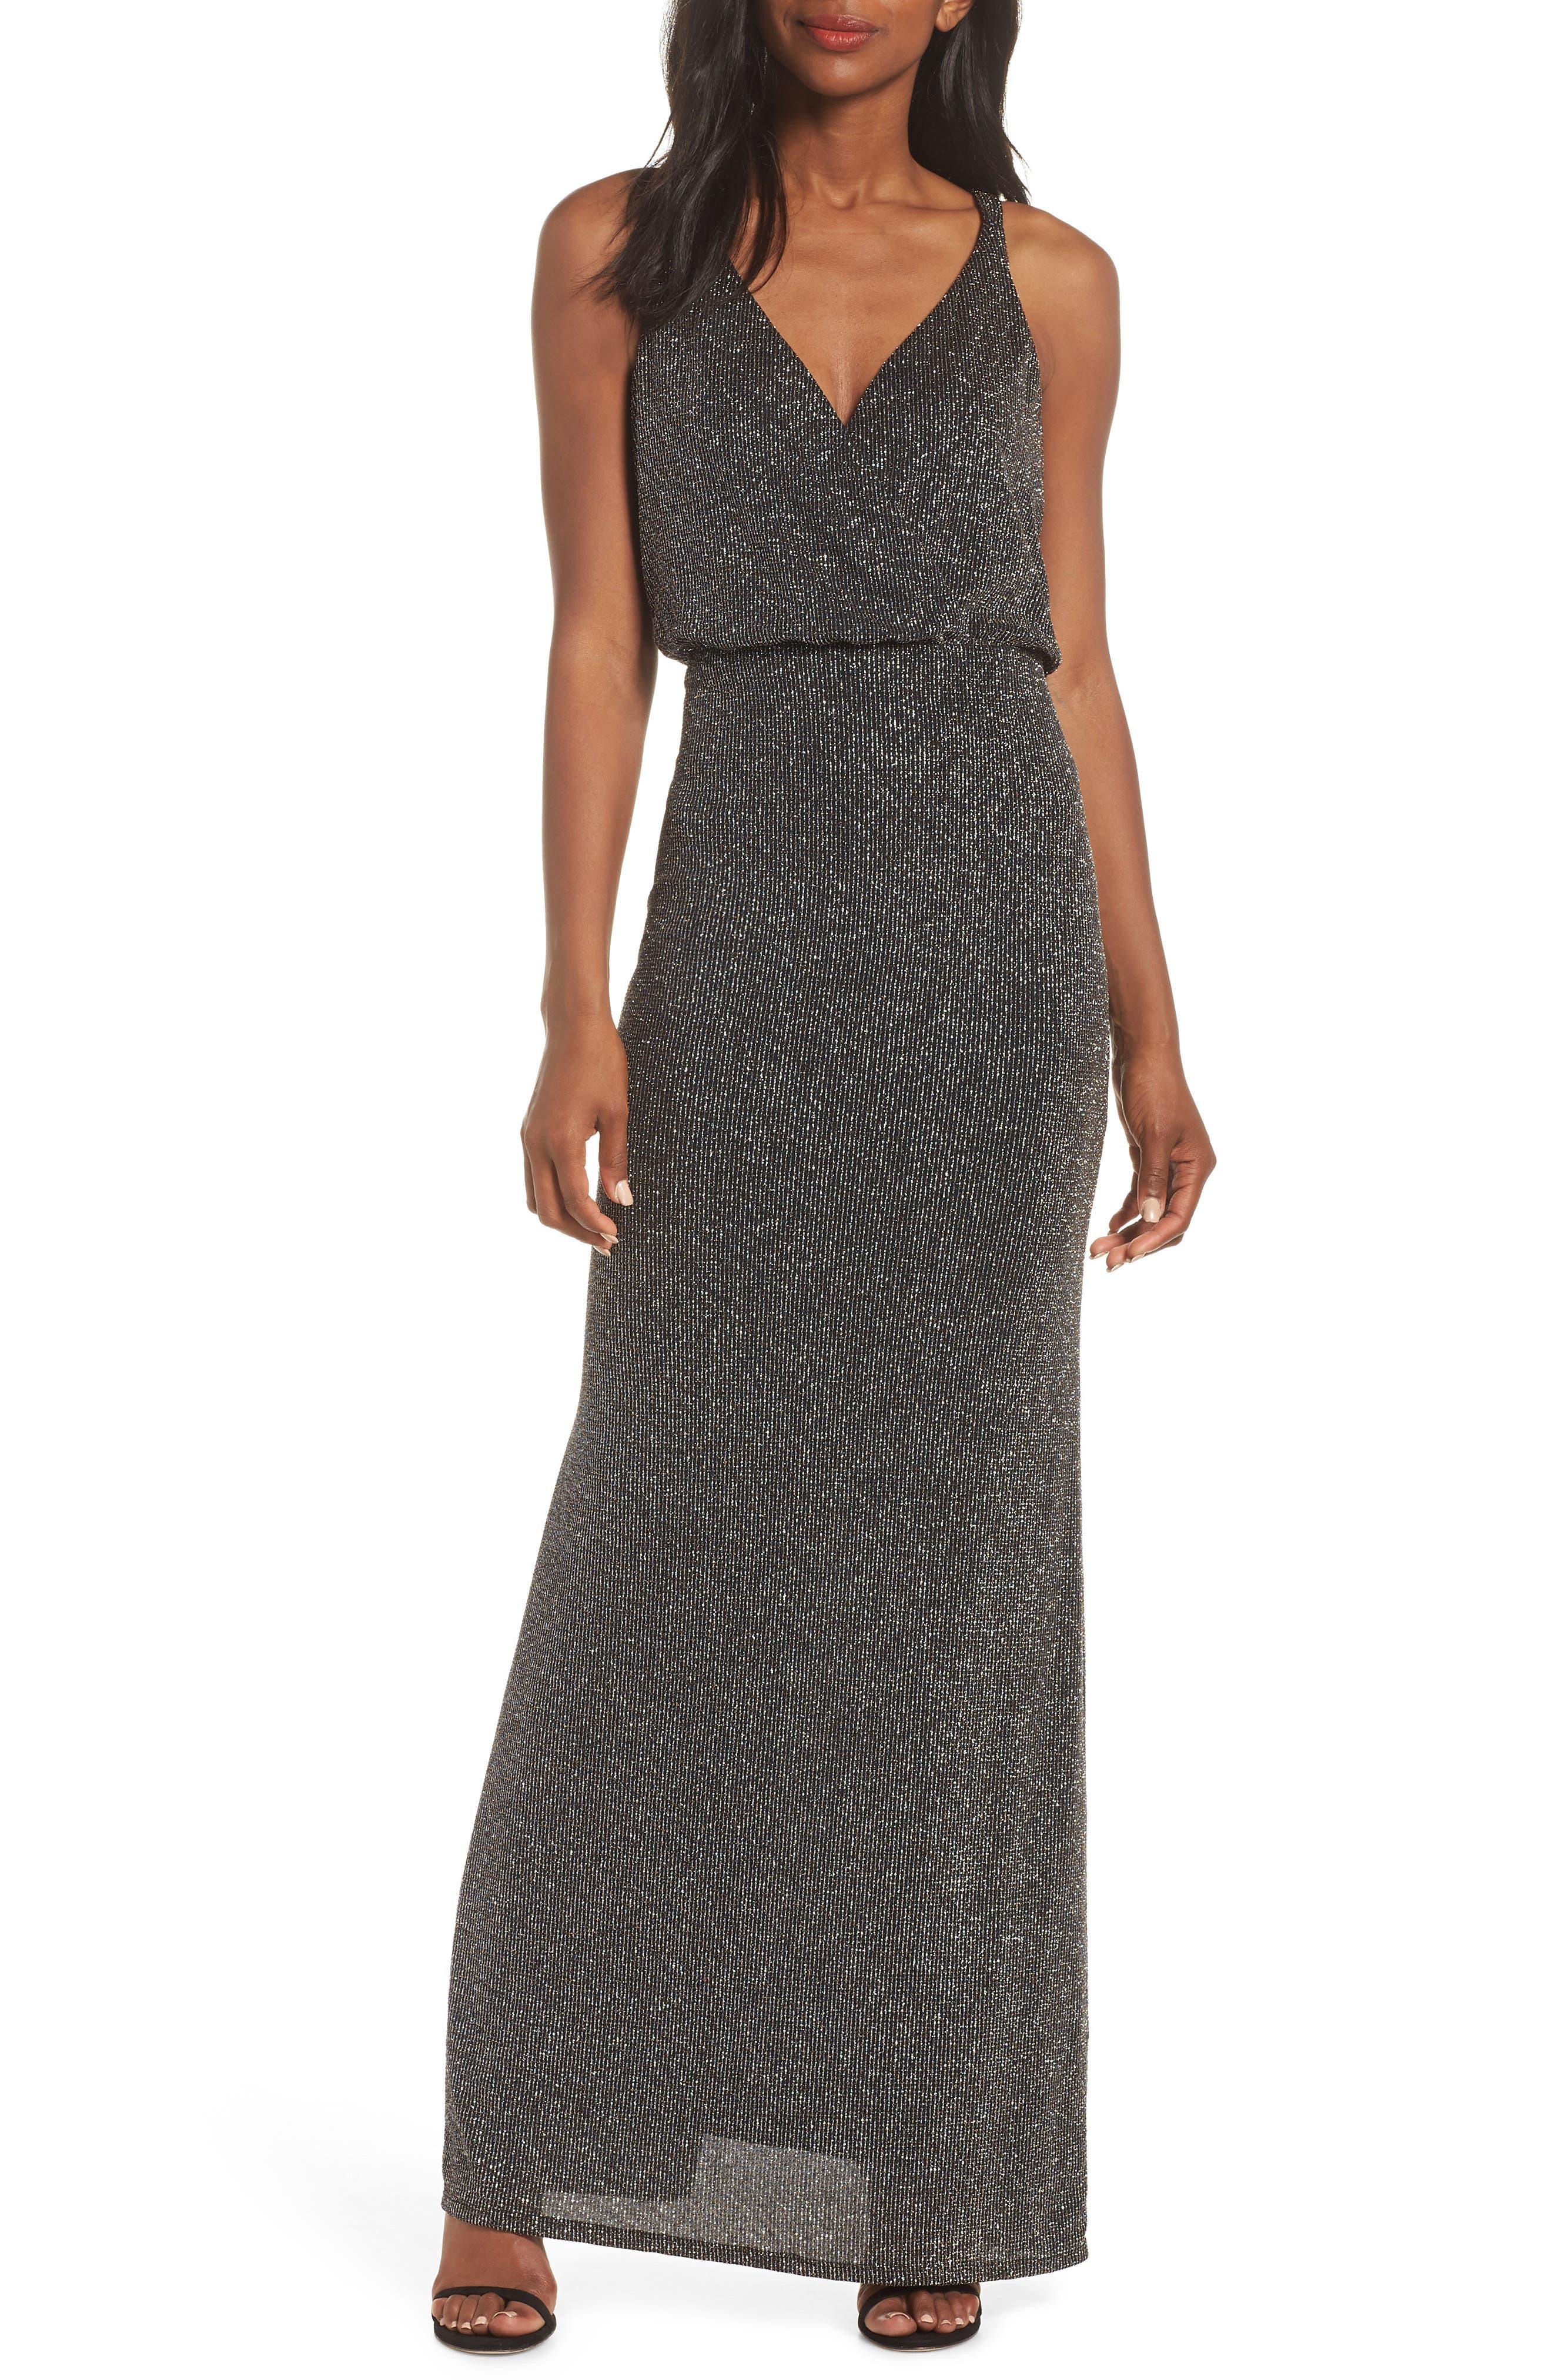 Blouson Gown, Main, color, BLACK